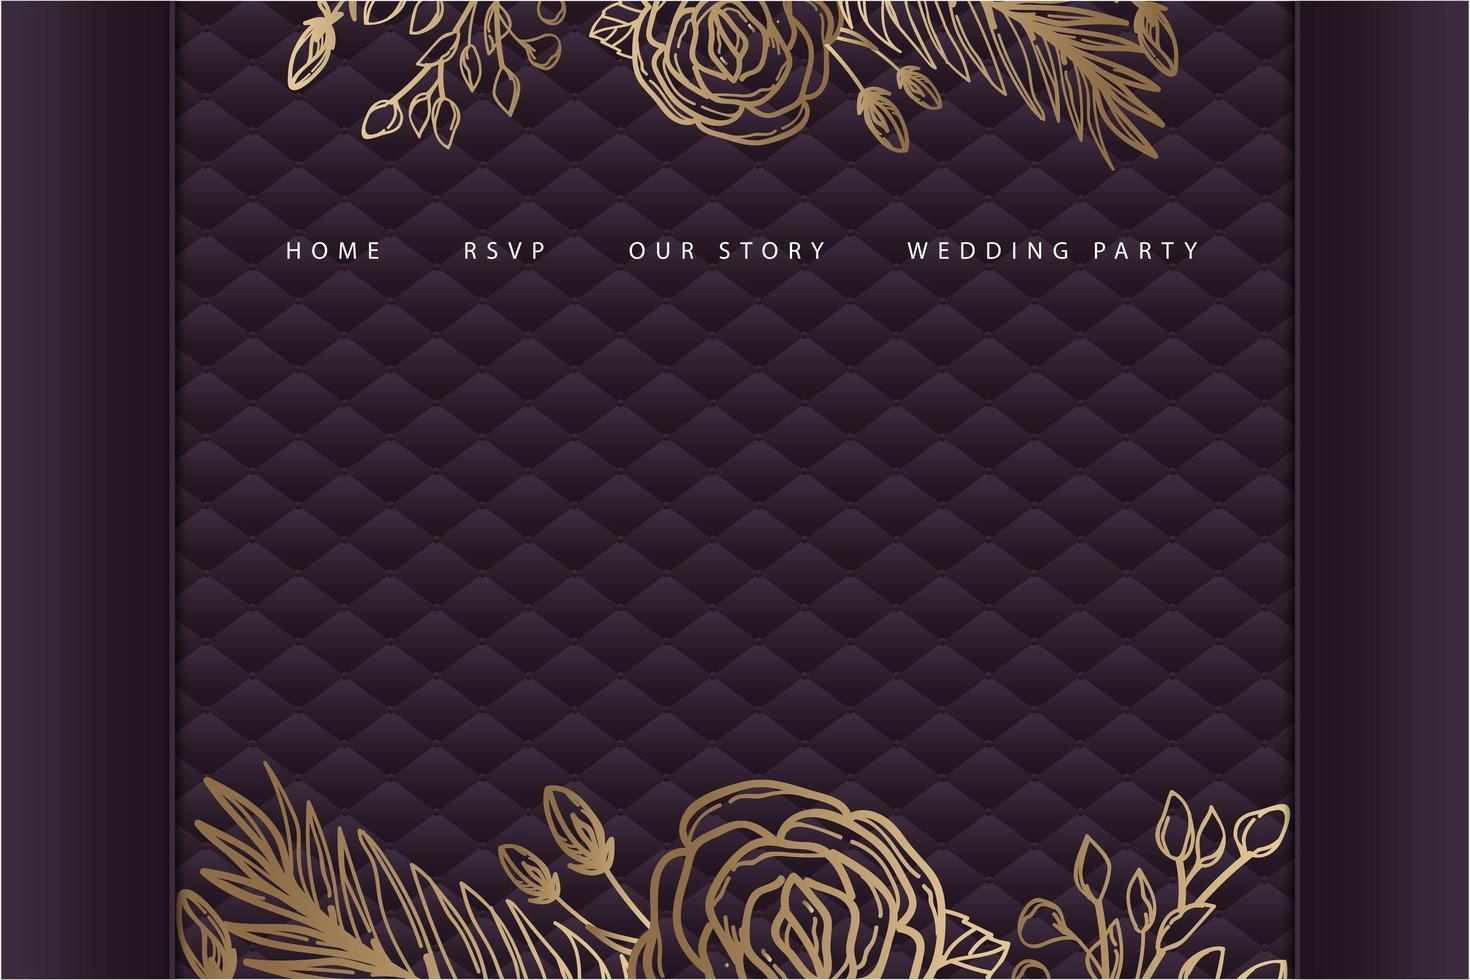 Página de inicio de boda floral dorada con tapicería púrpura vector